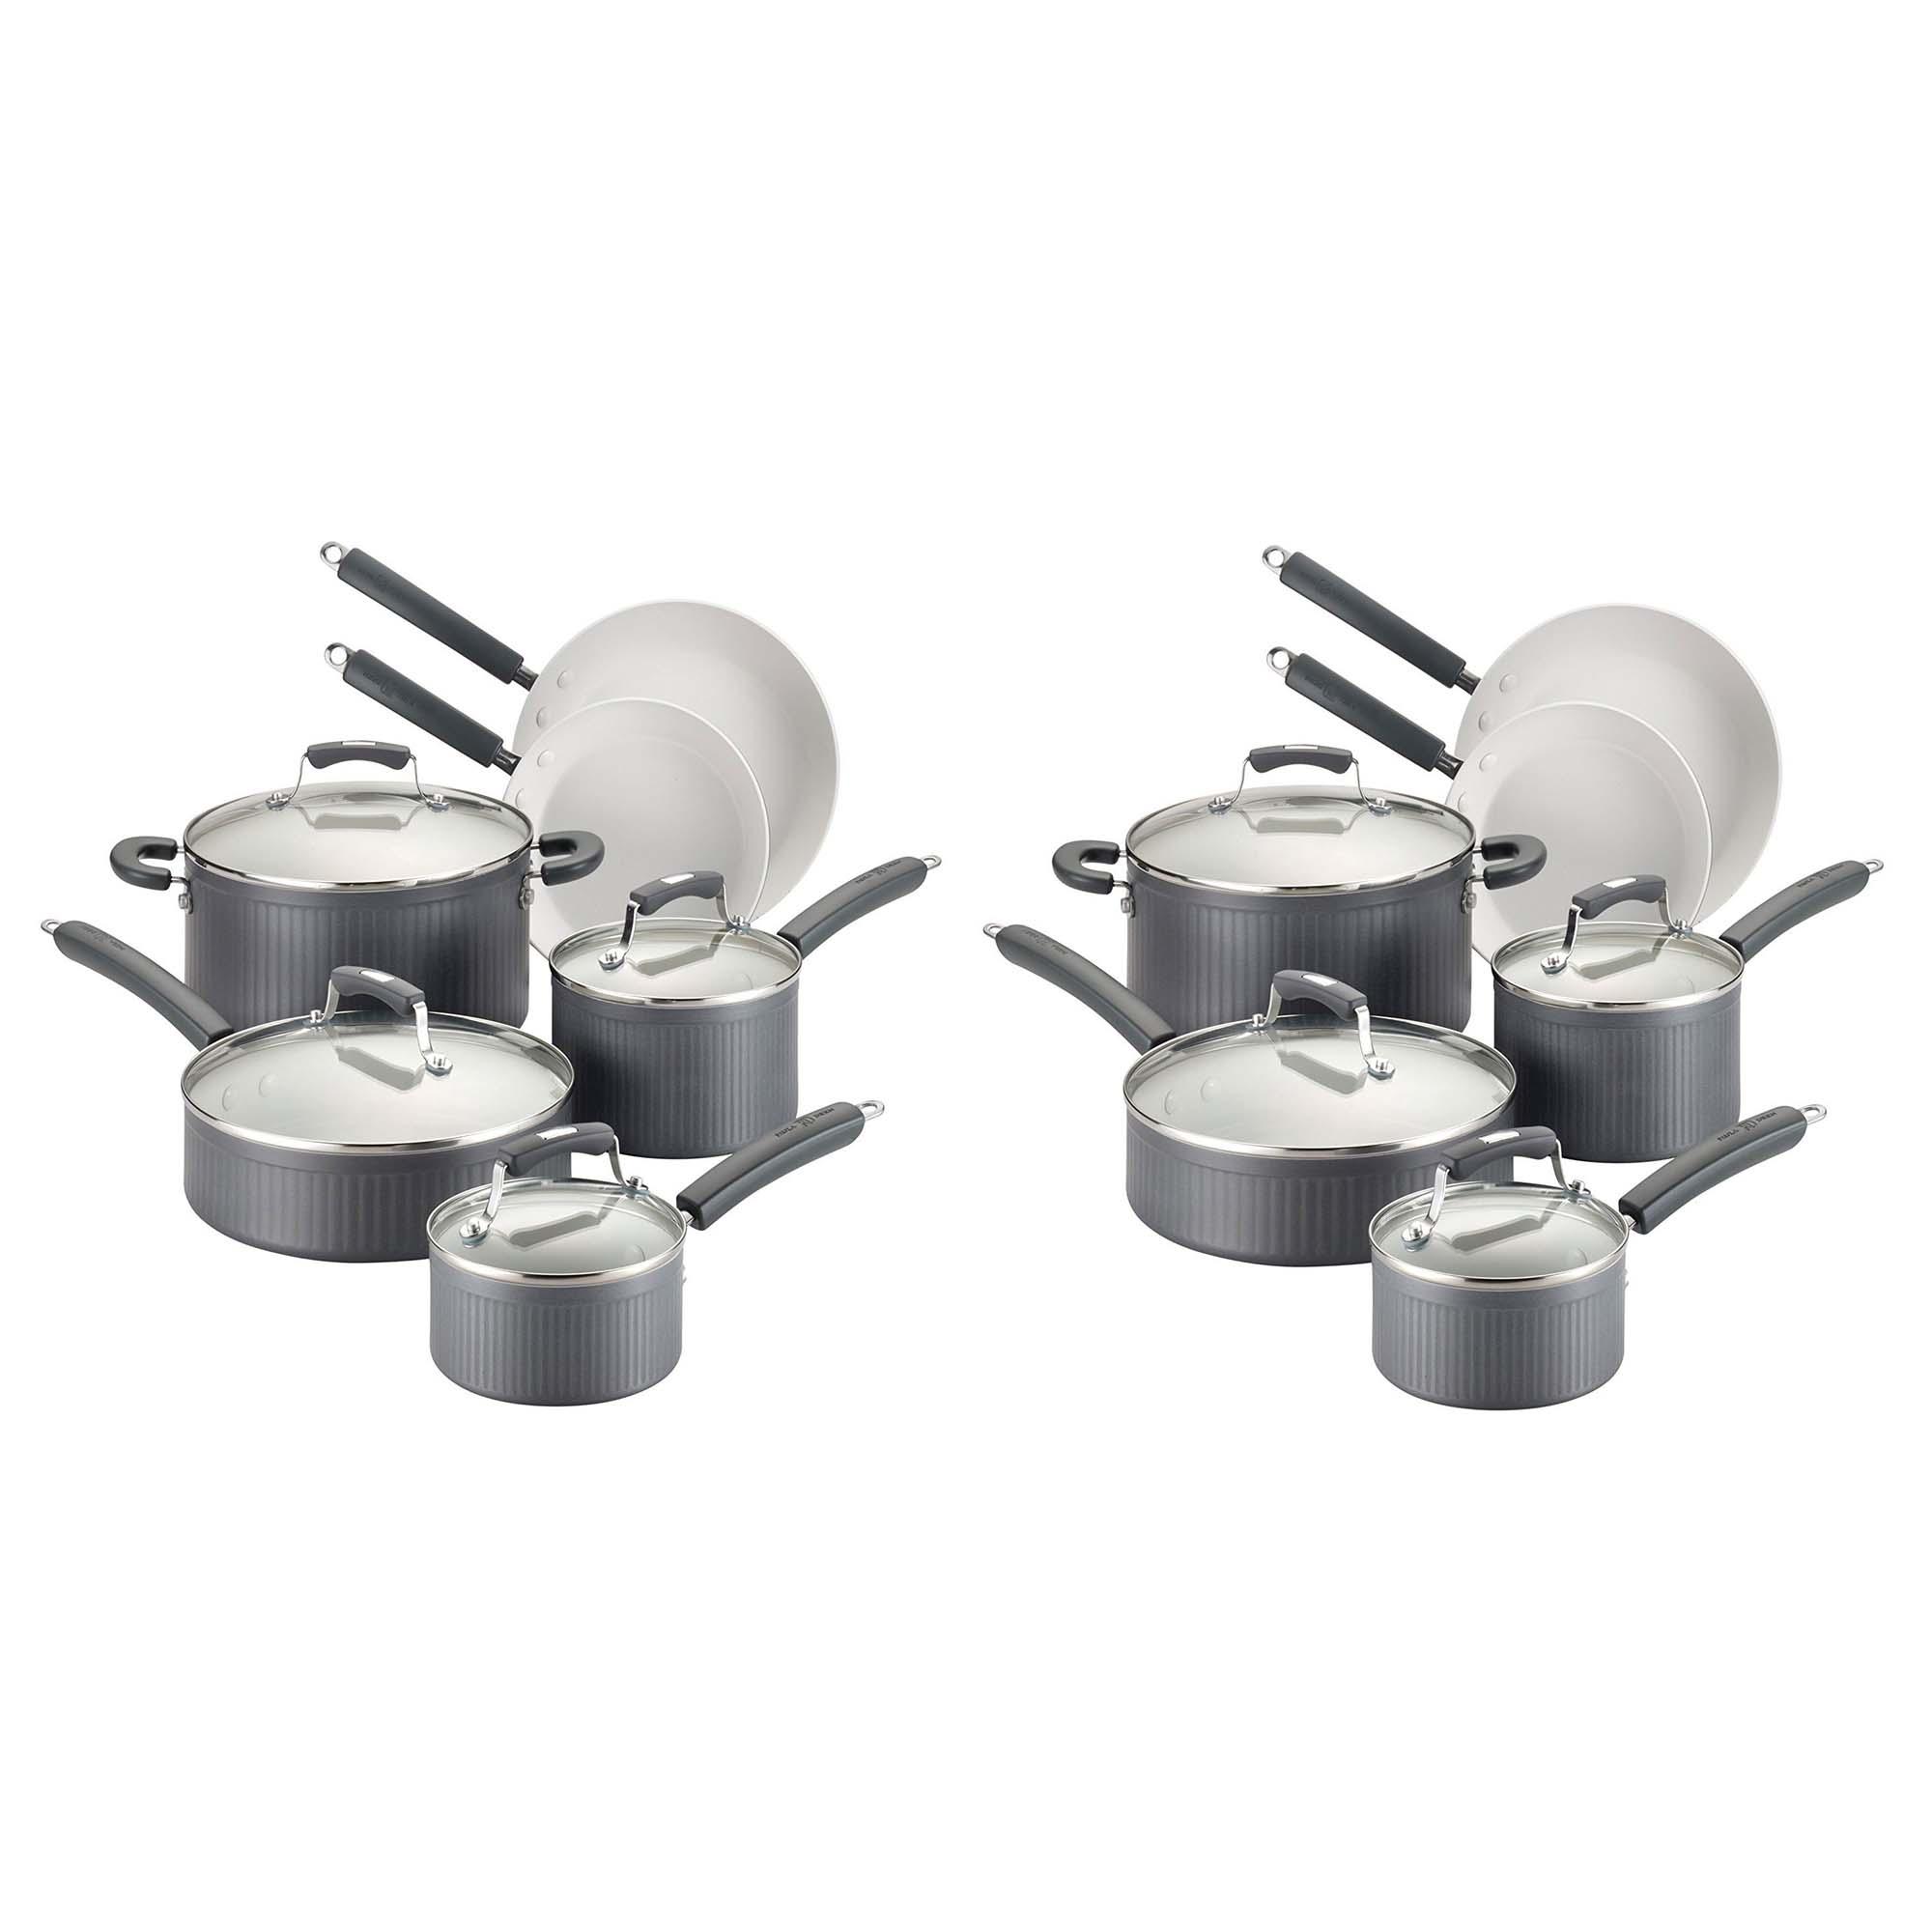 Paula Deen Savannah Collection Anodized Nonstick 10 Piece Cookware Set 2 Pack